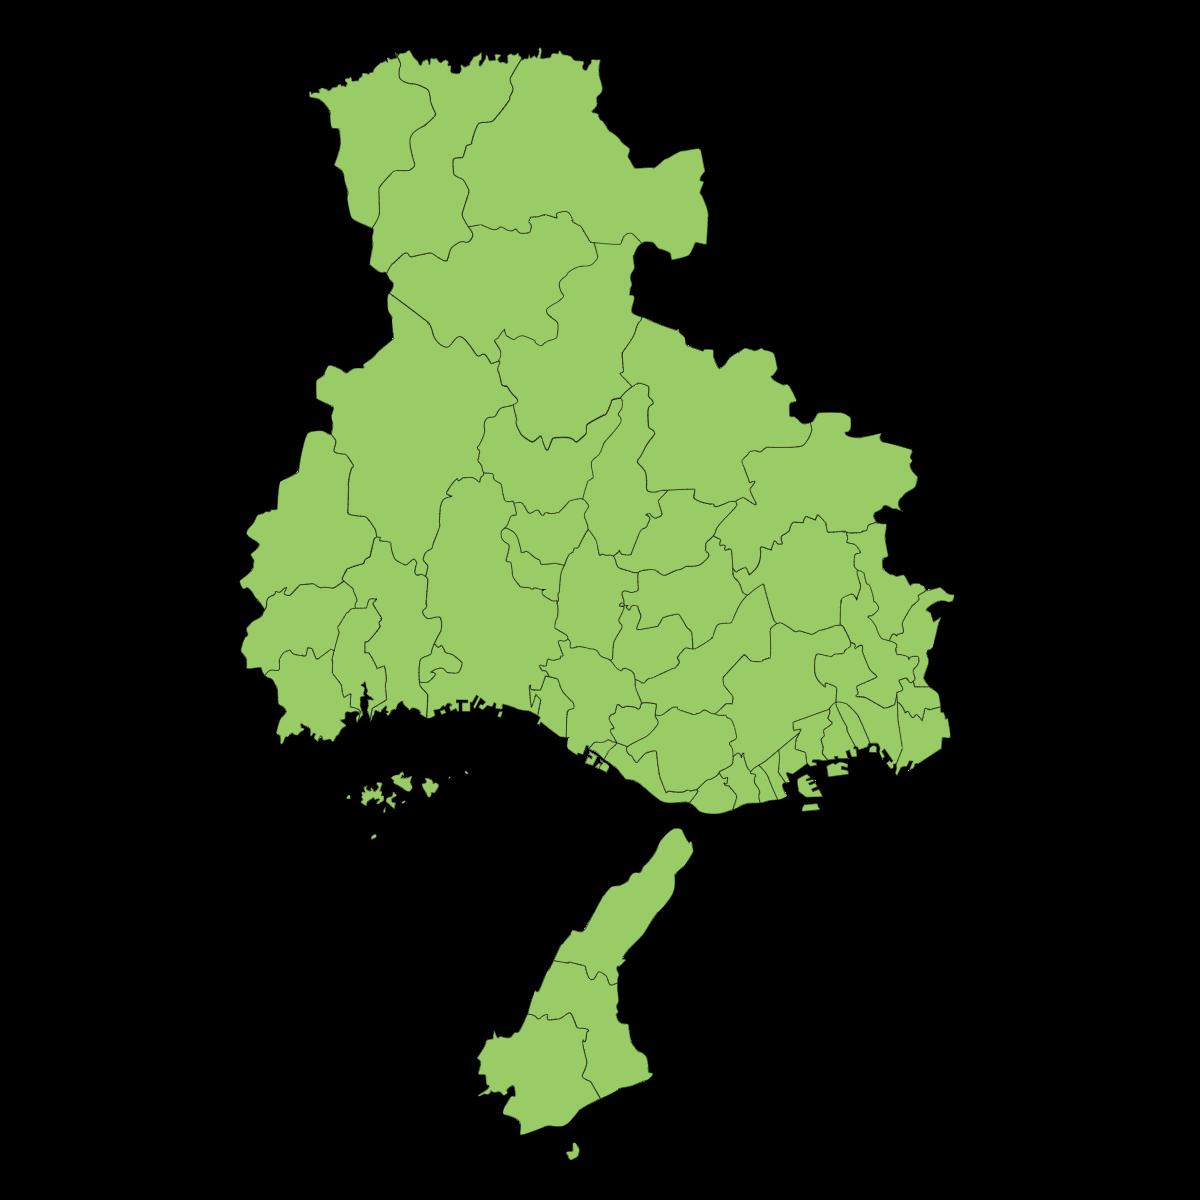 兵庫県の大きさはどのくらい?面積・人口・人口密度を比較解説!